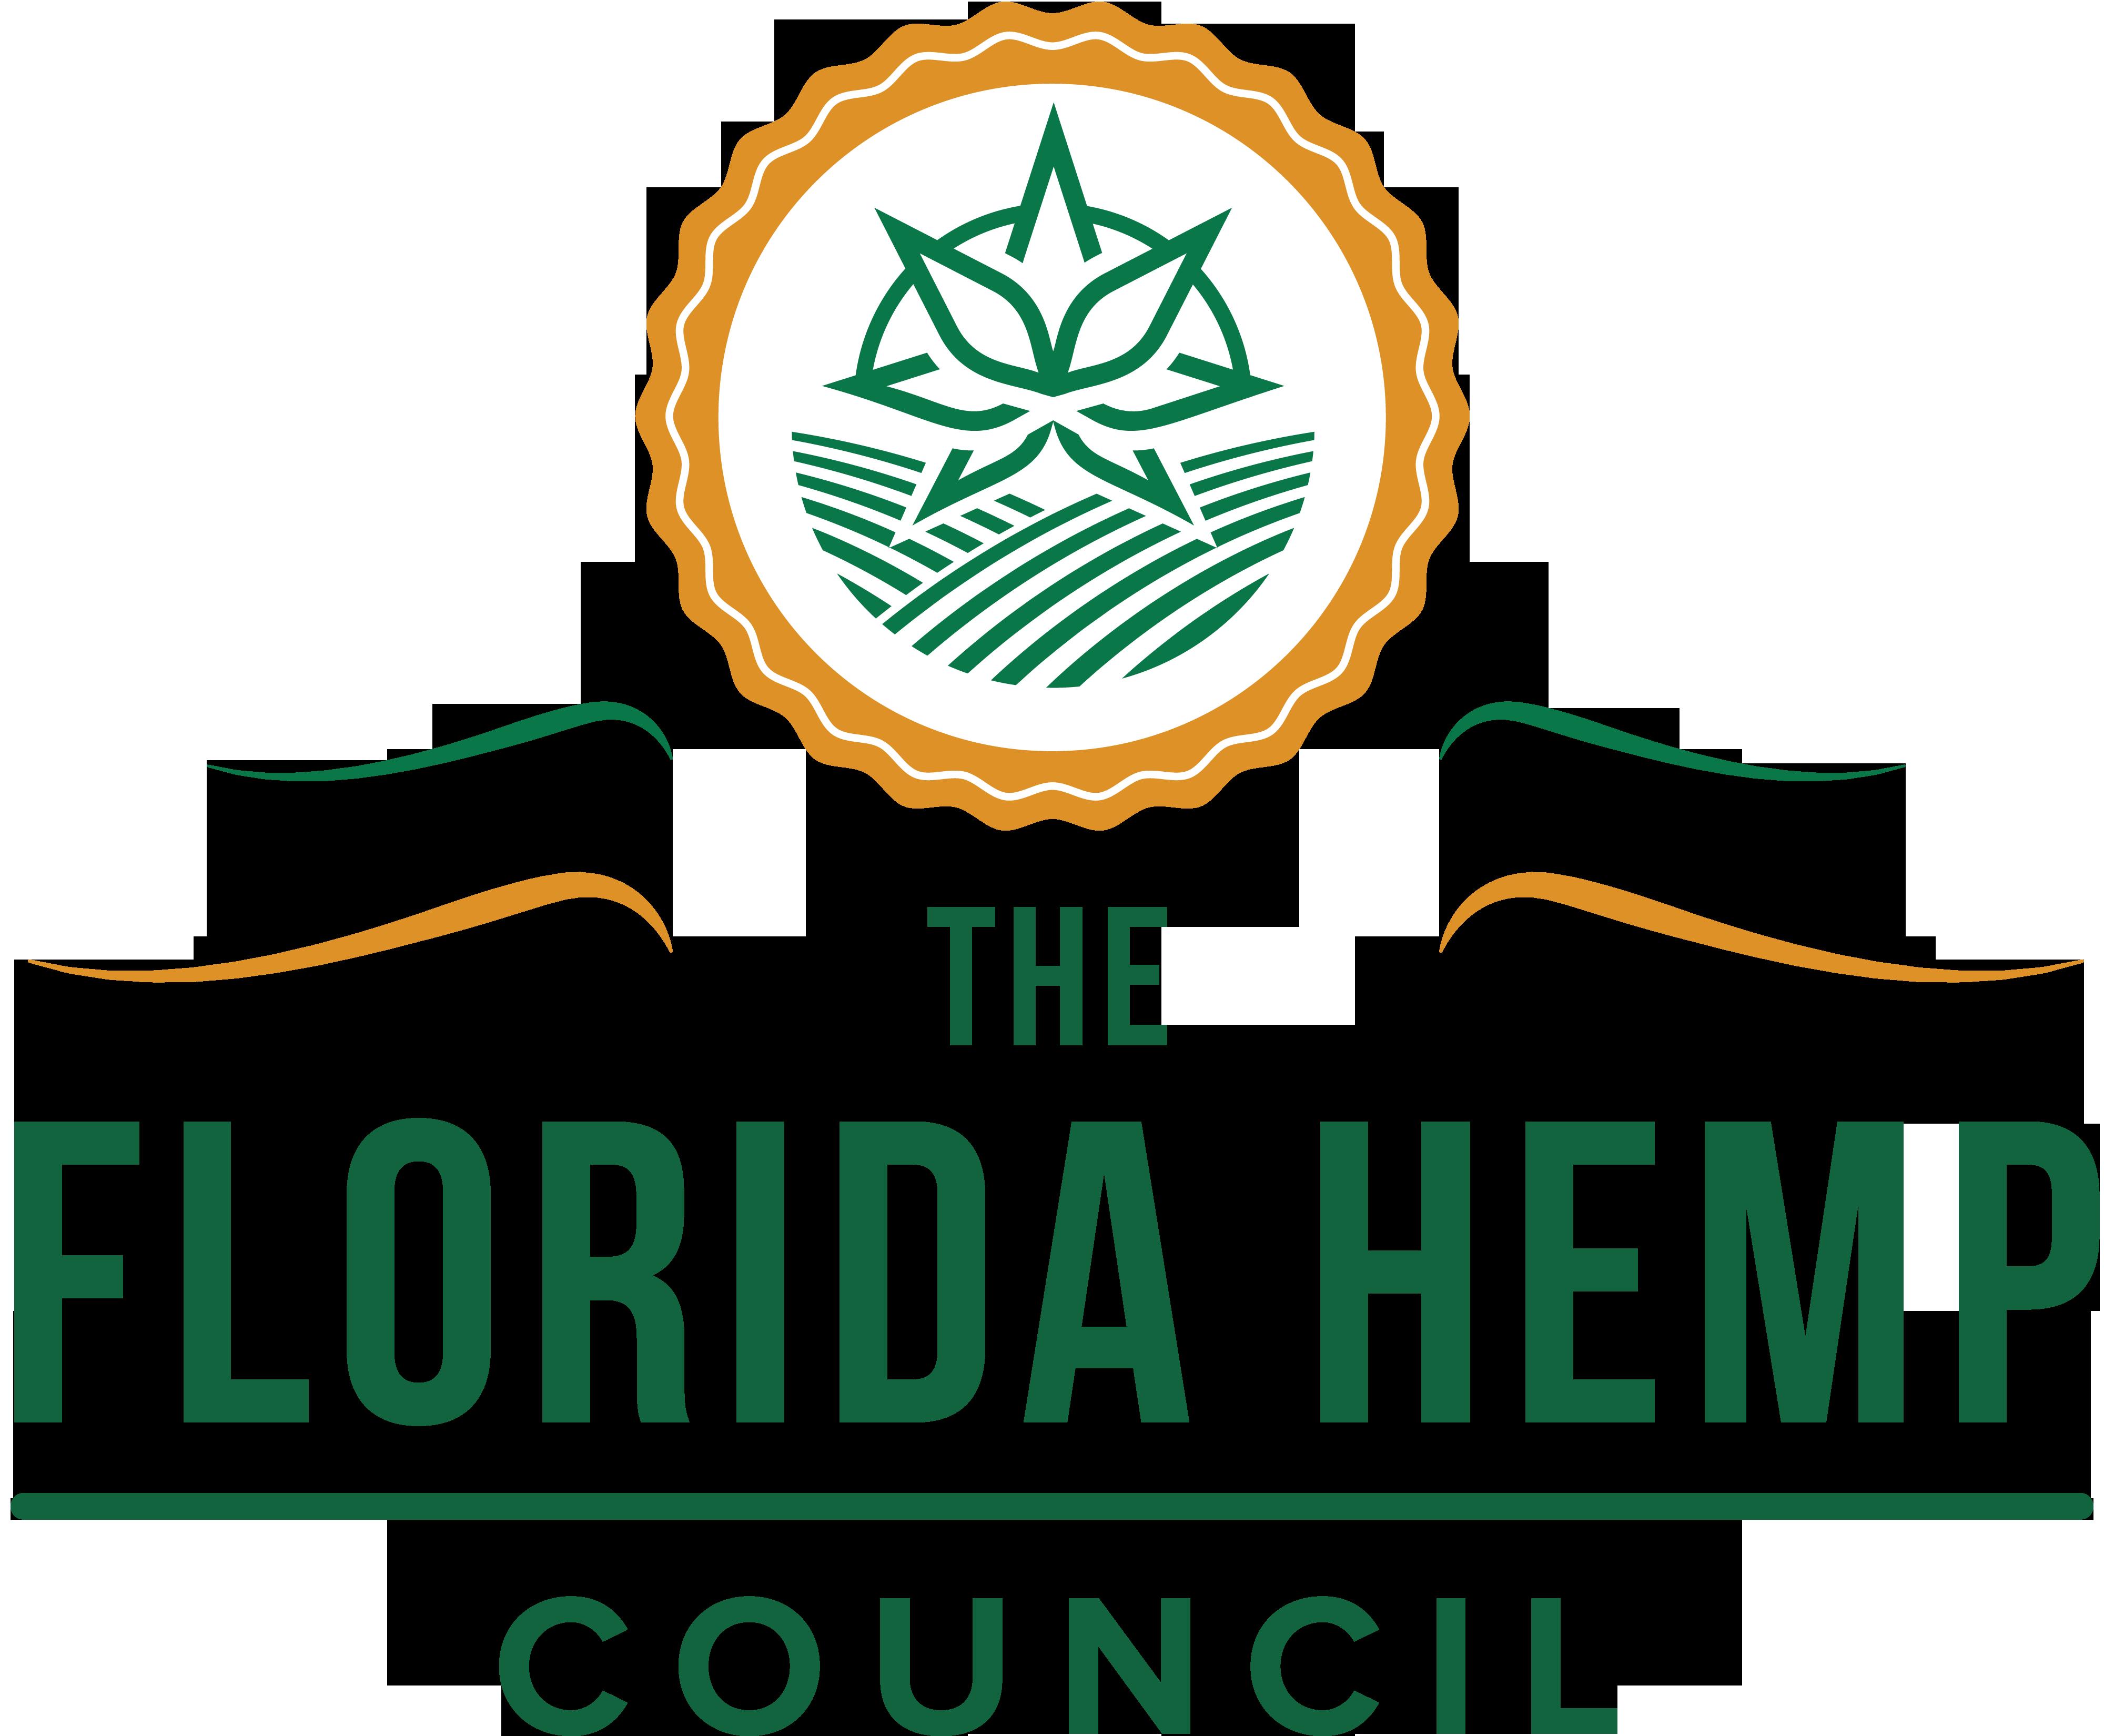 The Florida Hemp Council